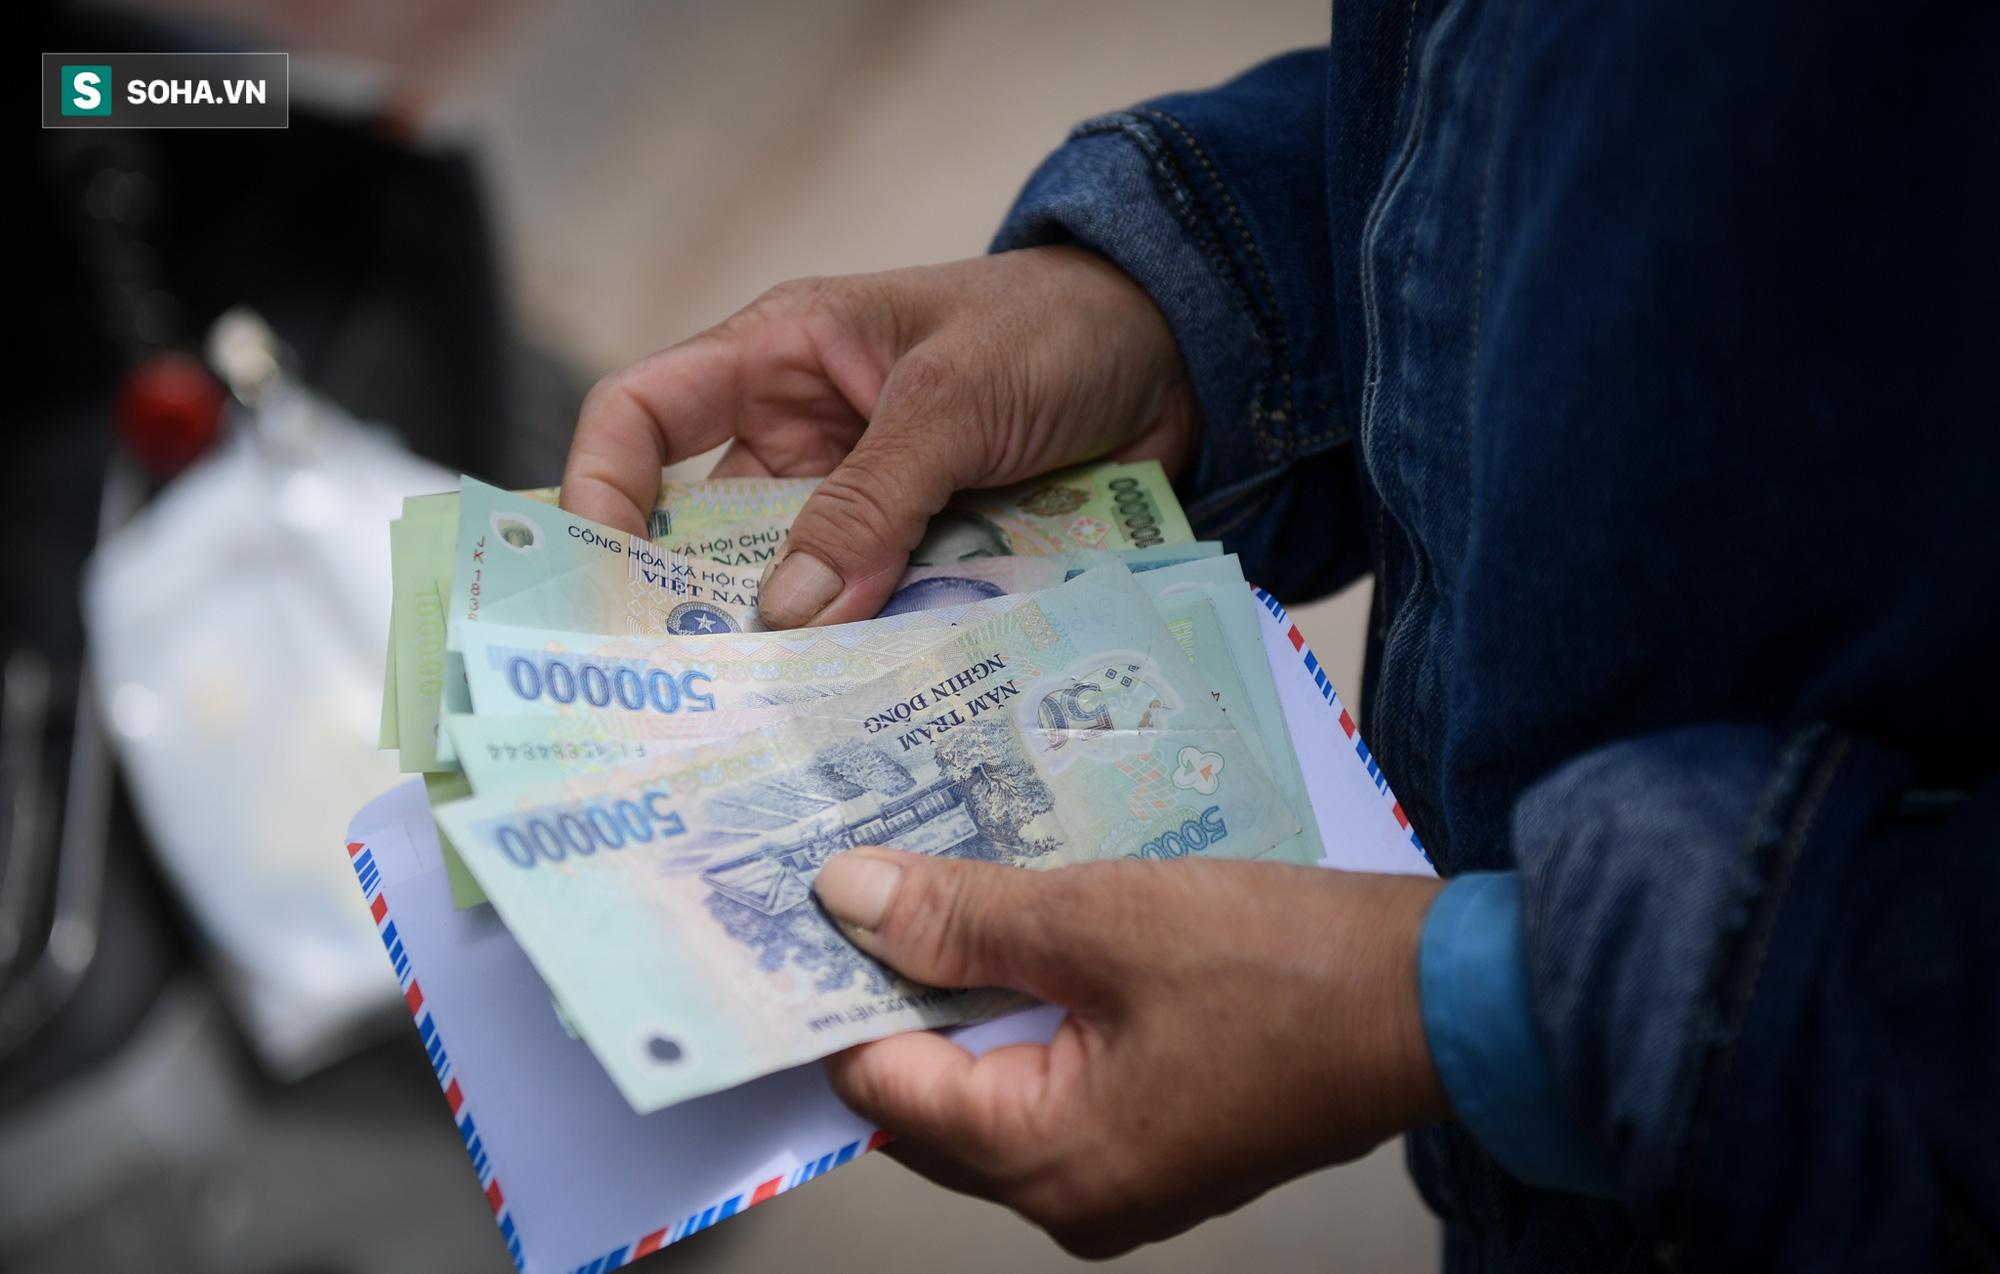 Giọt nước mắt những công nhân thu gom rác bị nợ lương khi được trao quà hỗ trợ - Ảnh 10.